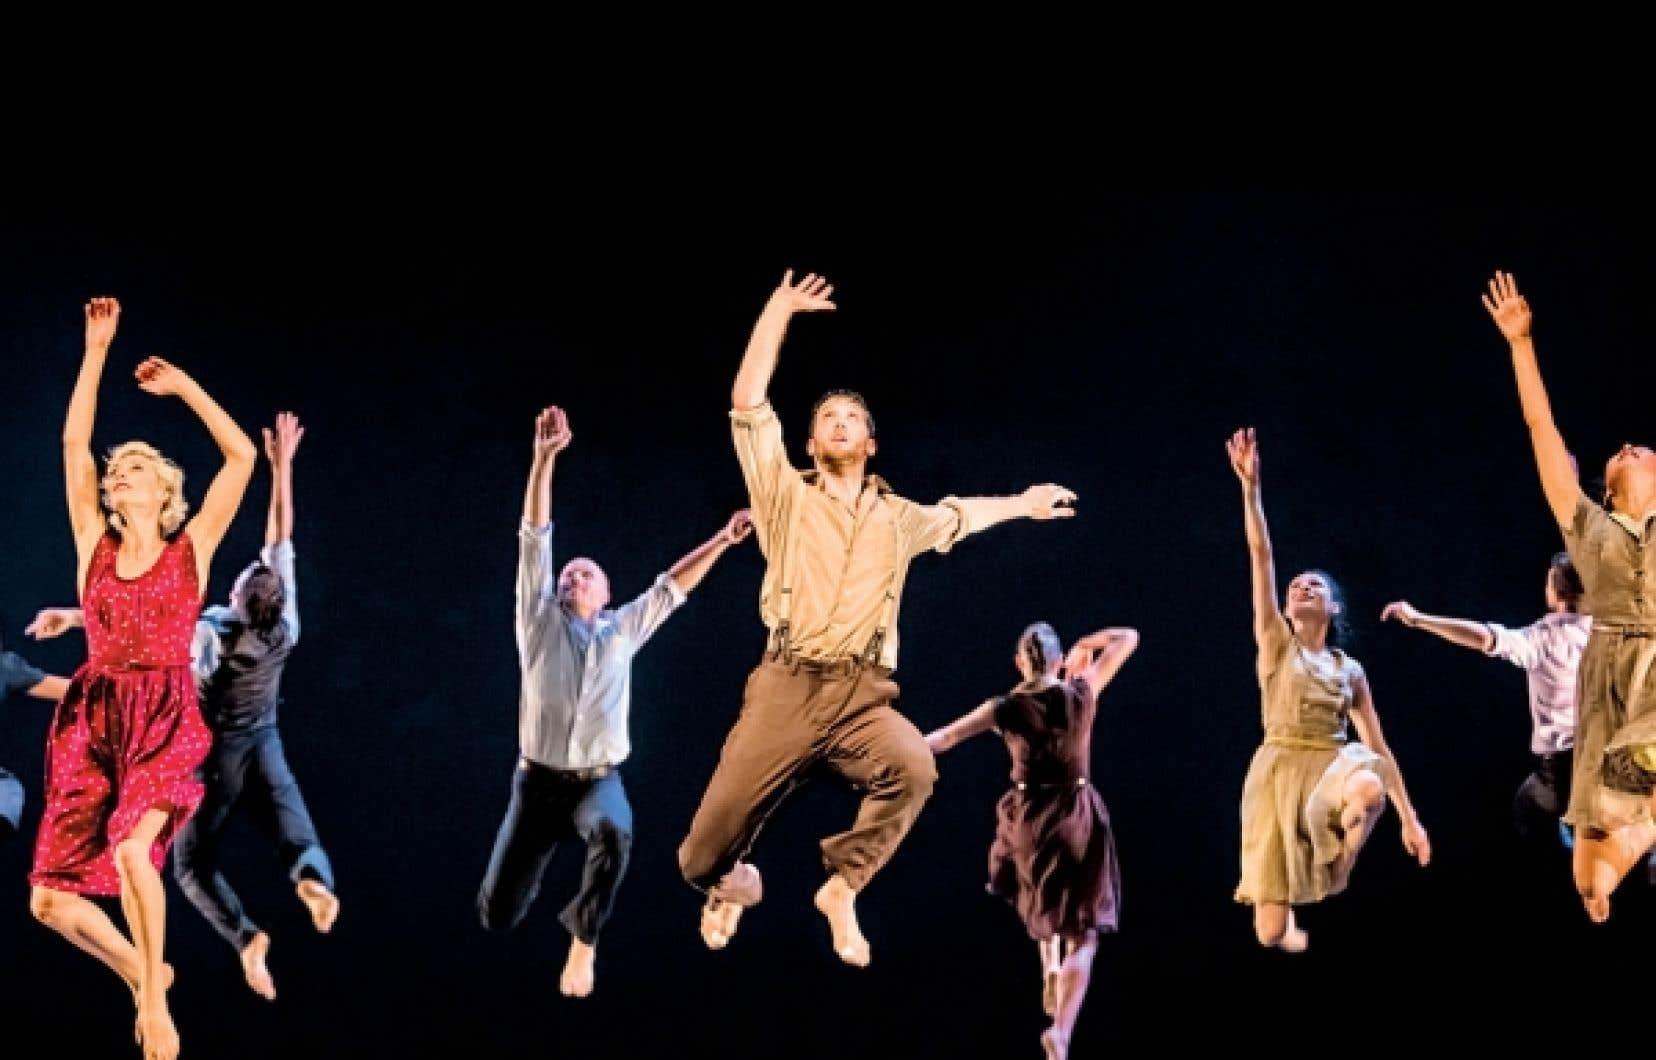 <div> Un extrait de Harry, présenté ce soir par les Ballets jazz de Montréal à la salle Maisonneuve de la Place des Arts.</div>